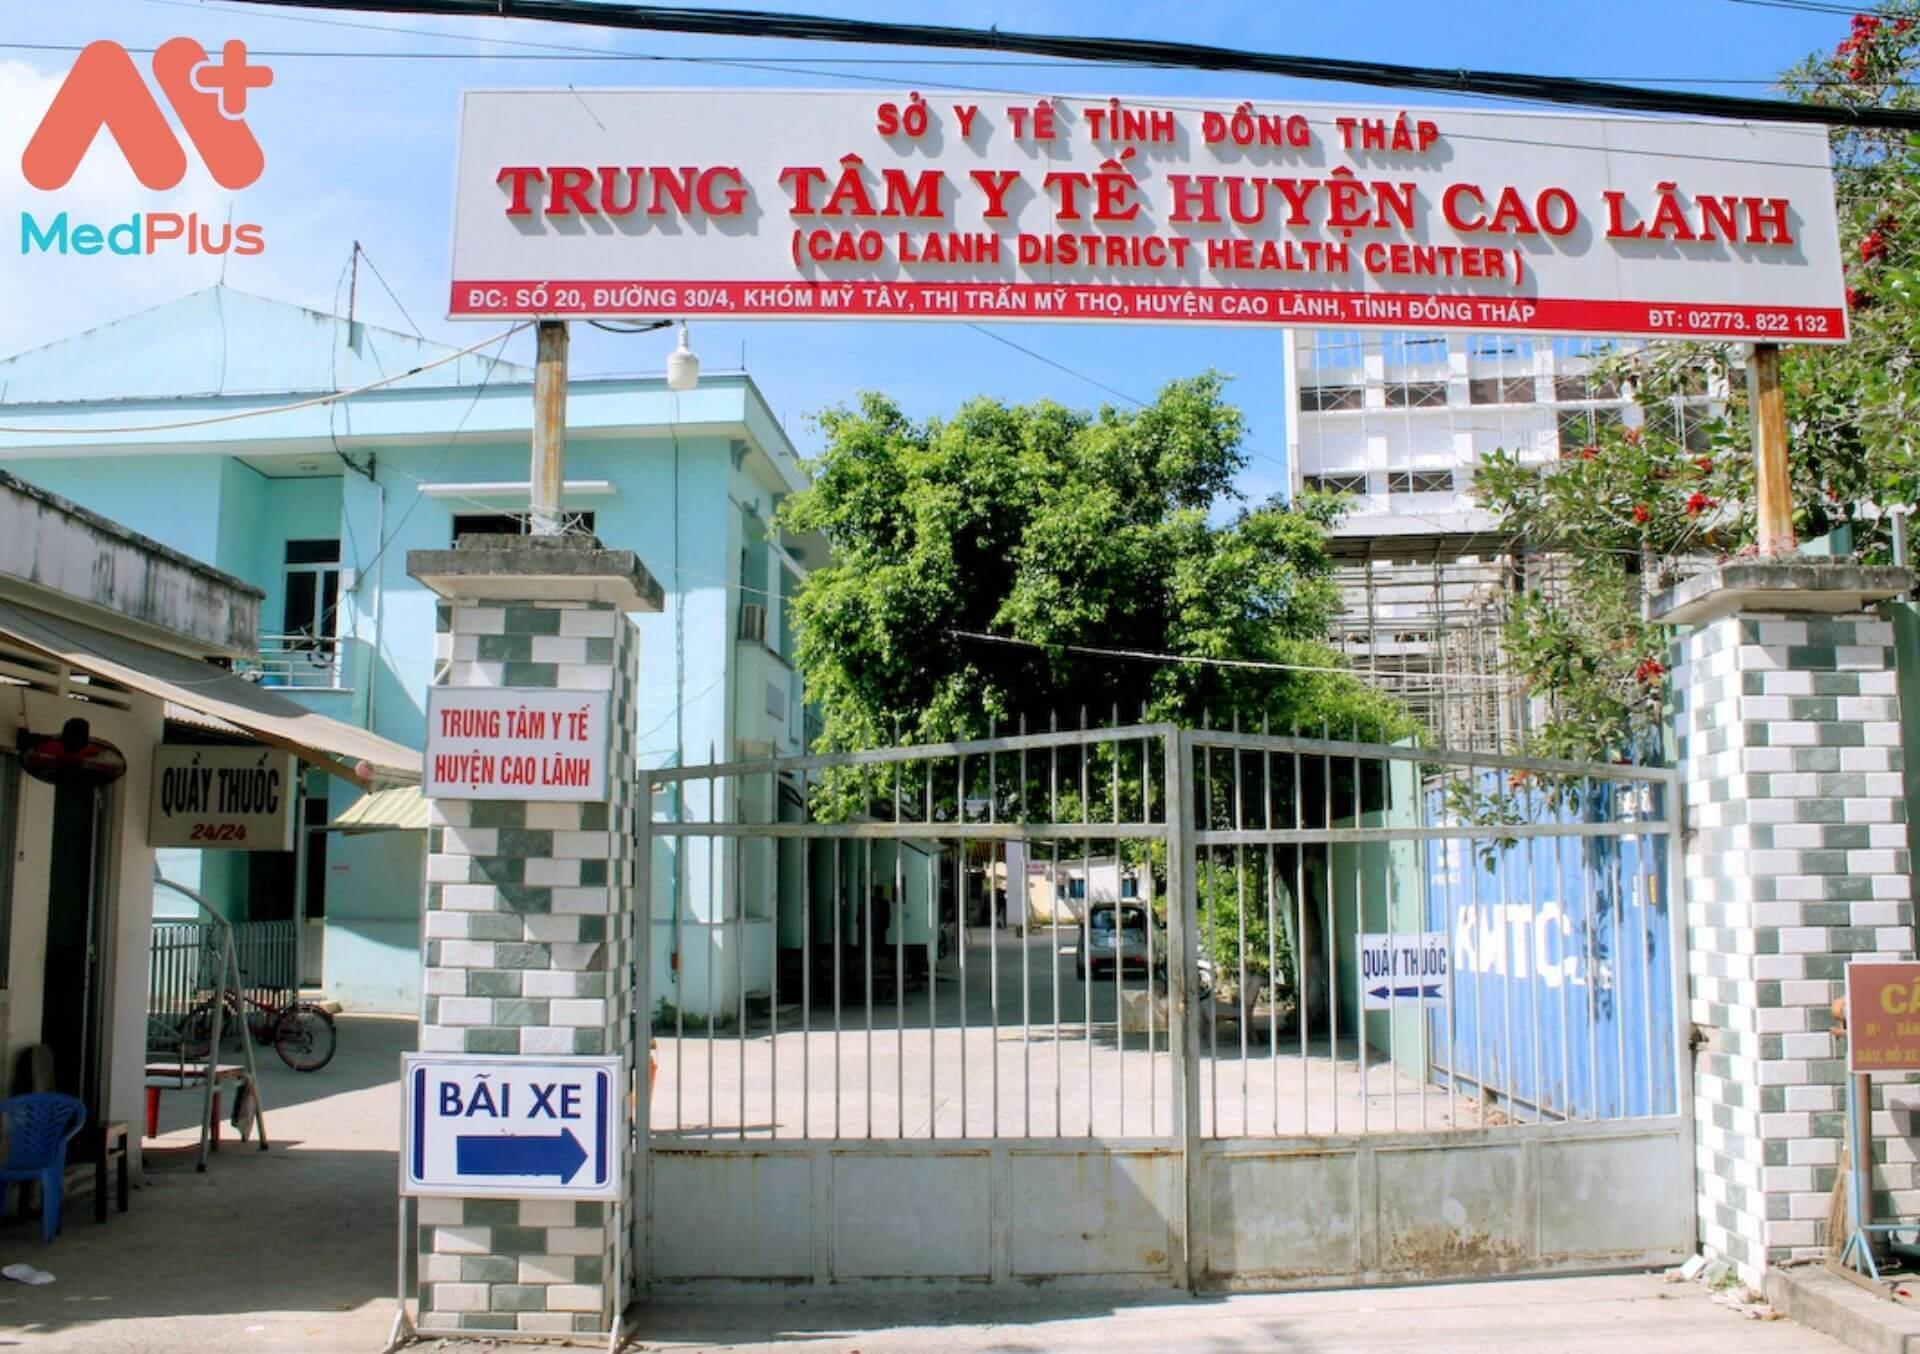 Trung tâm y tế huyện Cao Lãnh